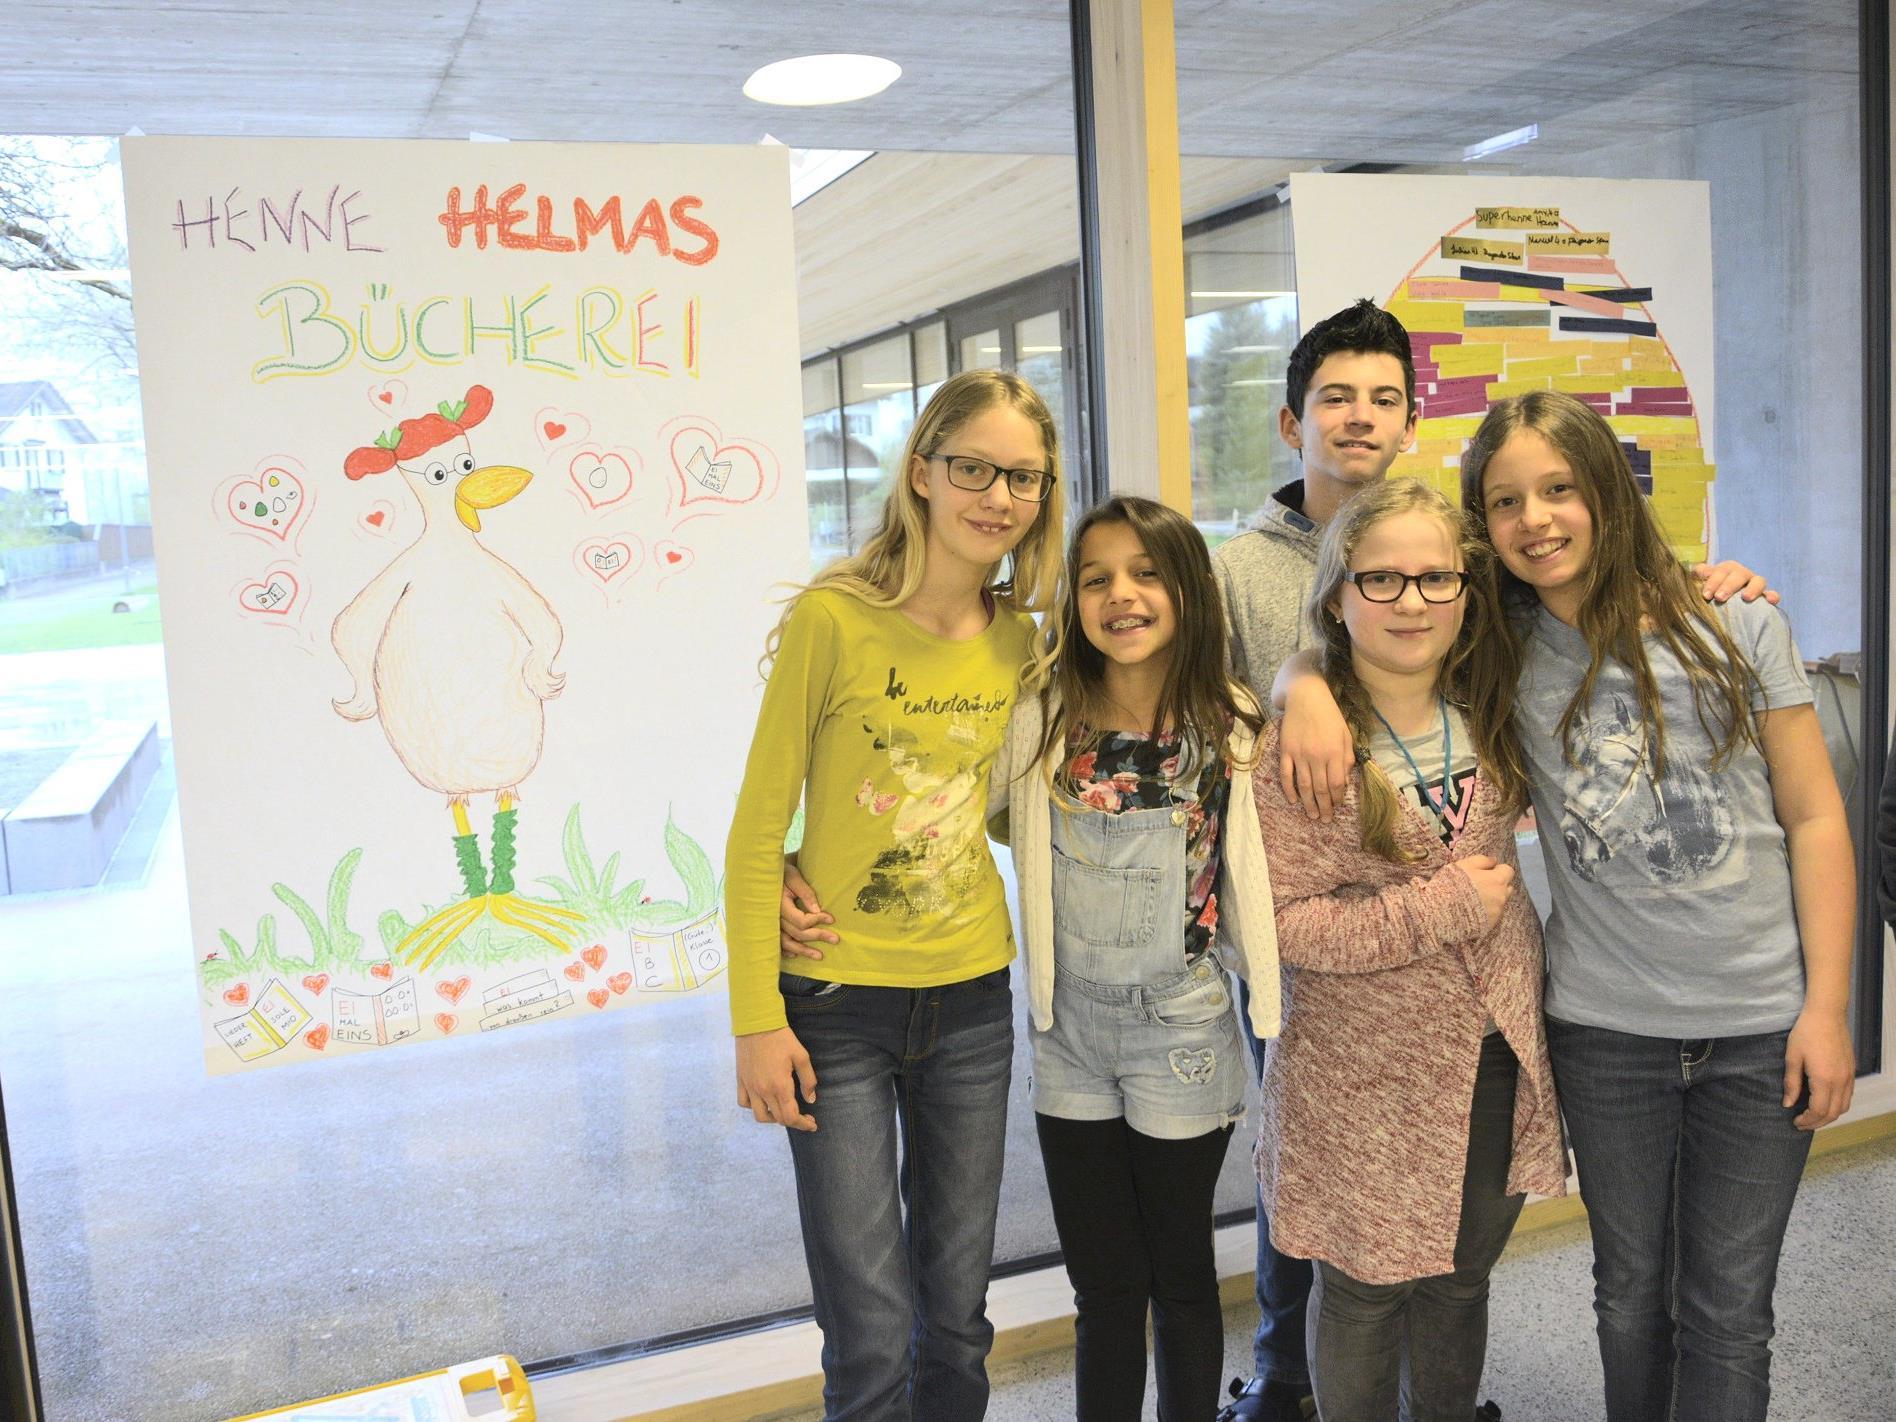 Henne Helma's Bücherei stand am Lesetag im Mittelpunkt.